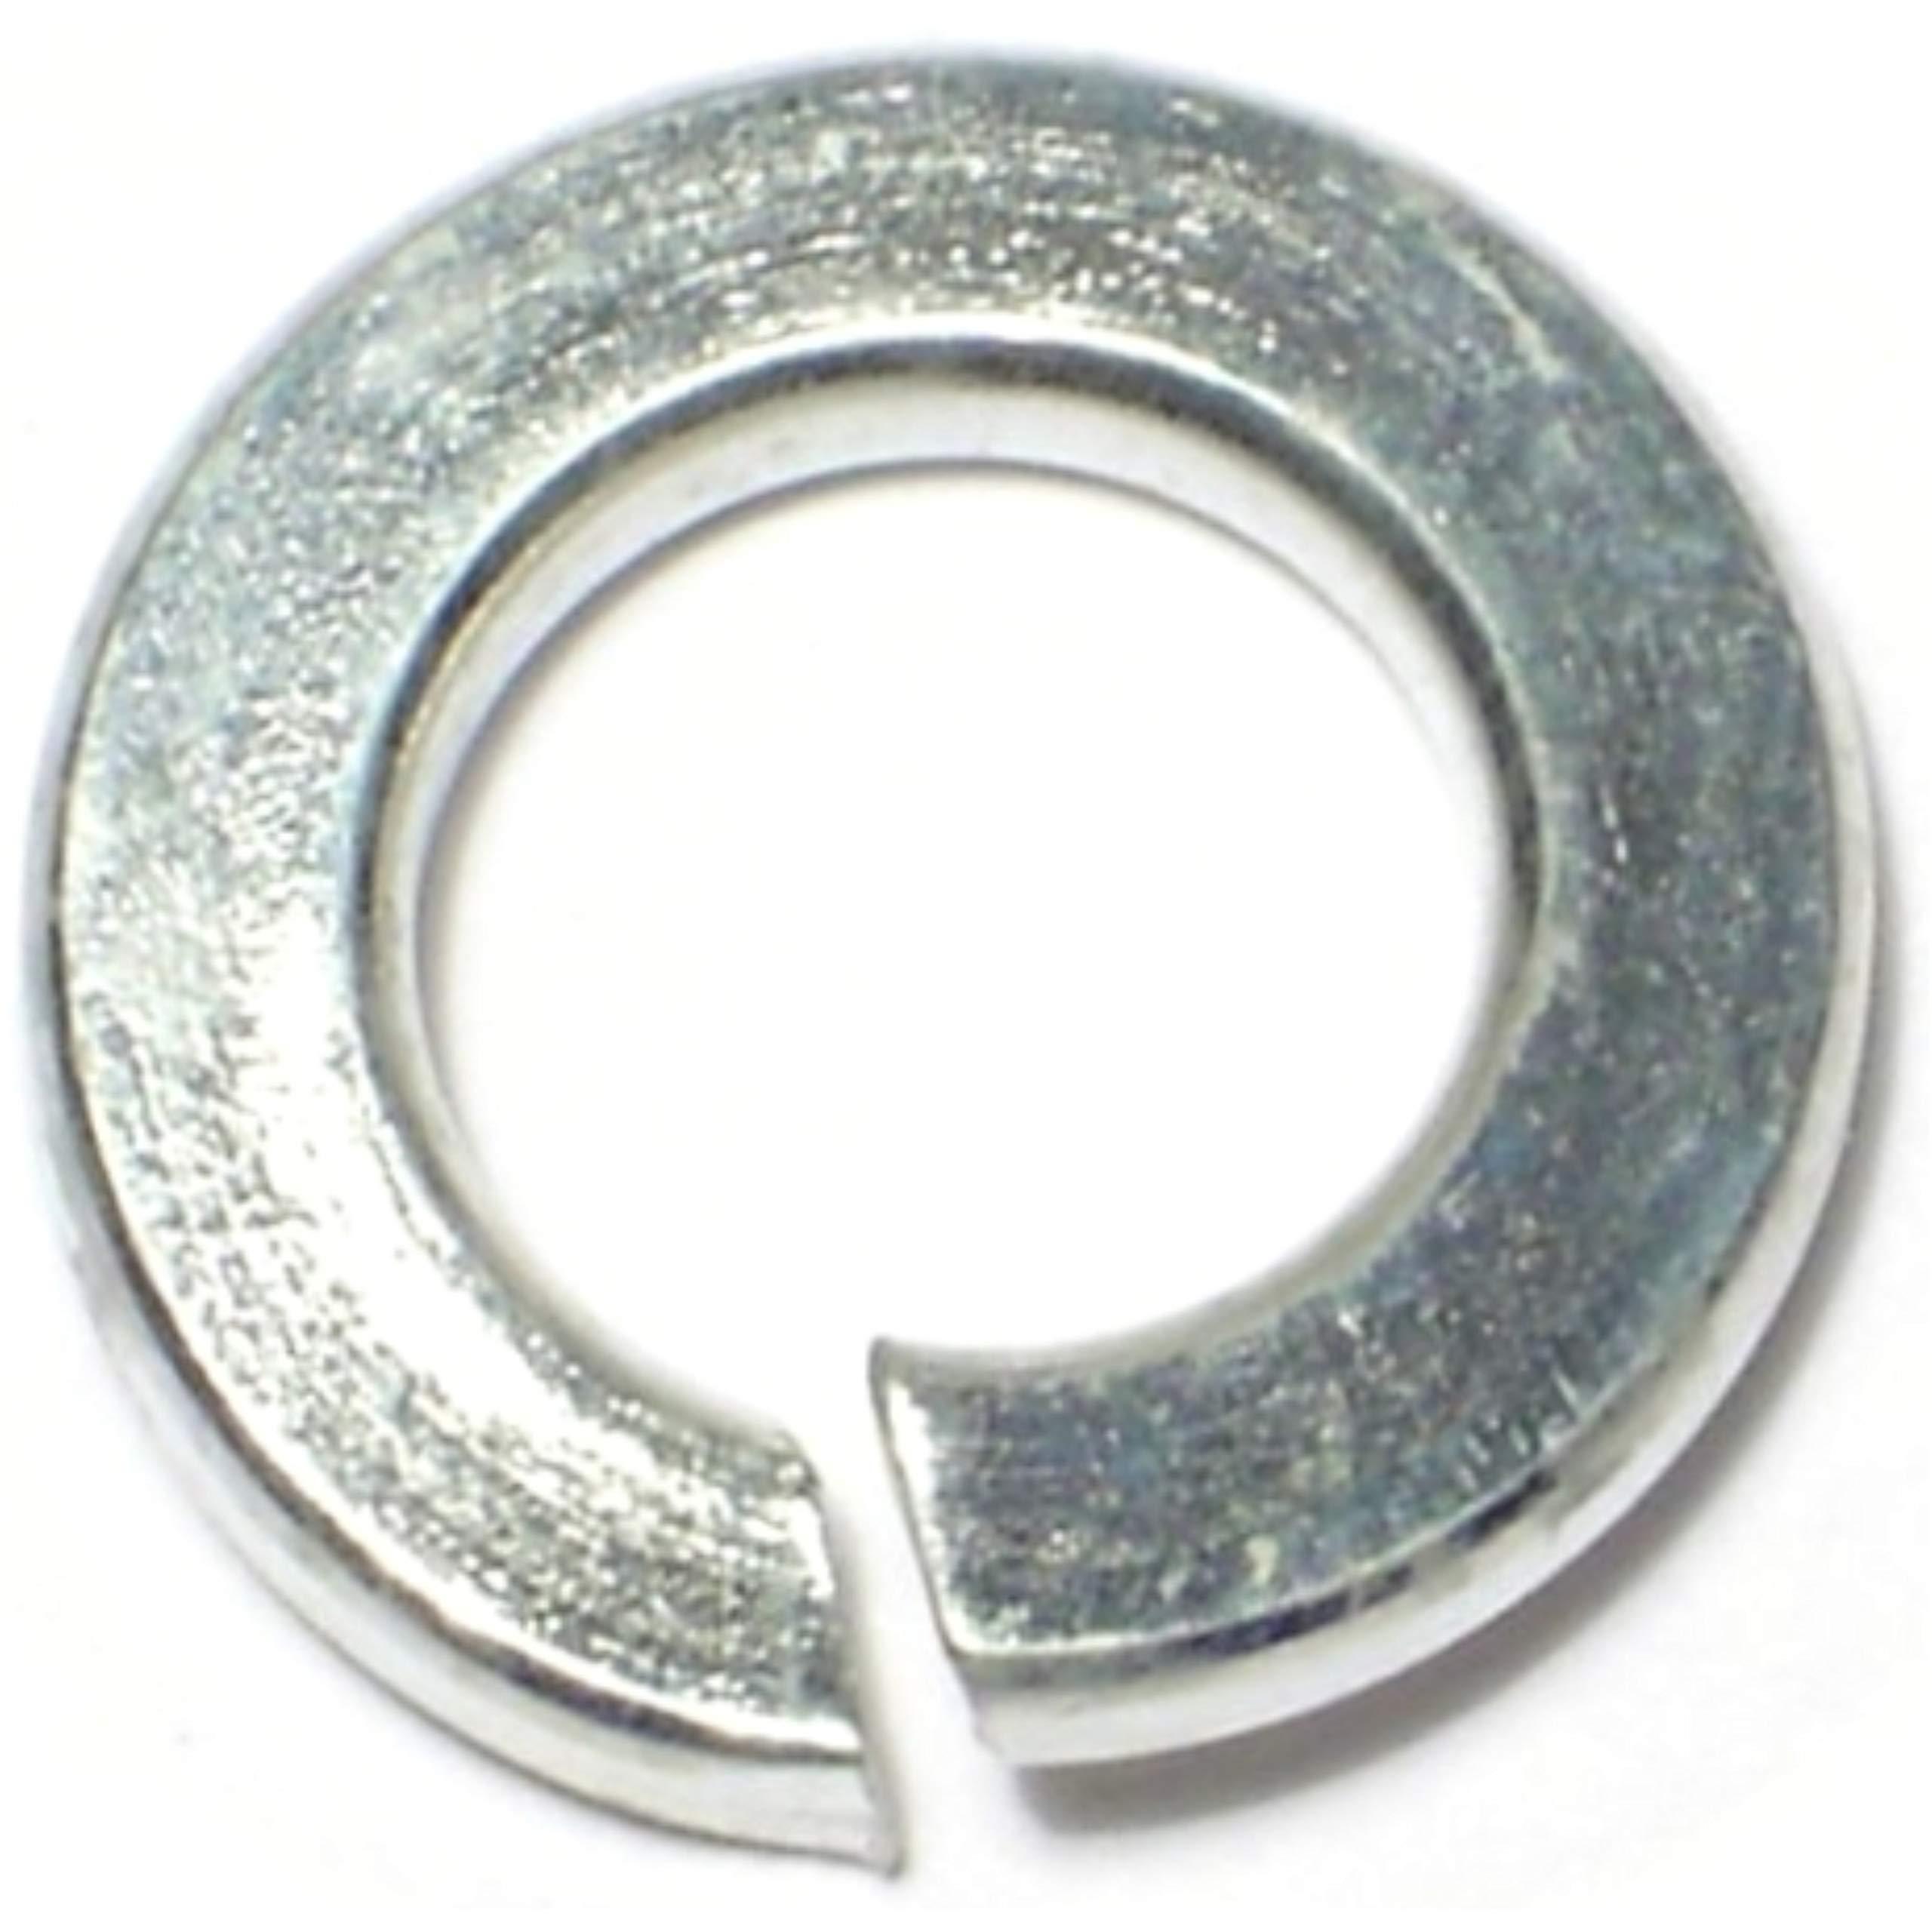 Hard-to-Find Fastener 014973269203 Split Lock Washers, 3/8, Piece-1513 by Hard-to-Find Fastener